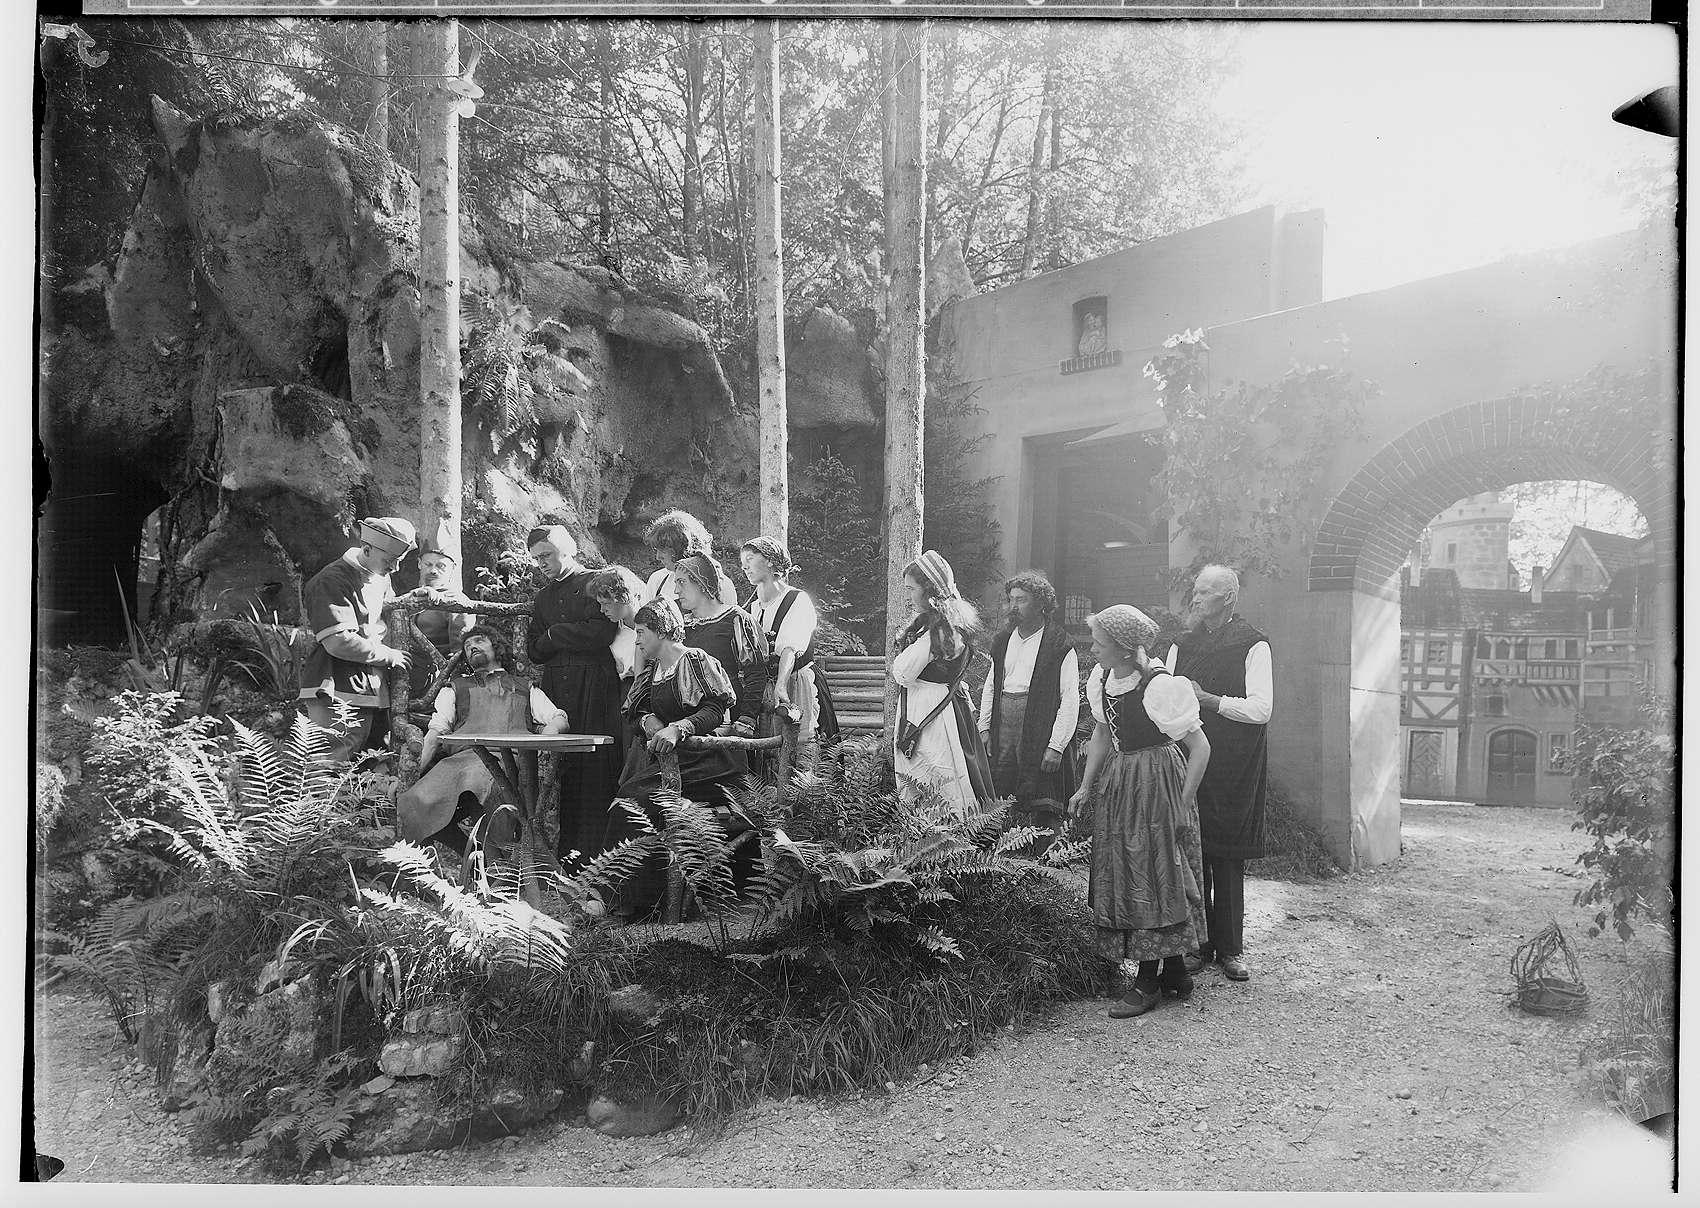 Waldbühne Sigmaringendorf - Die versunkene Glocke (Gerhard Hauptmann); Szenenbild, Bild 1